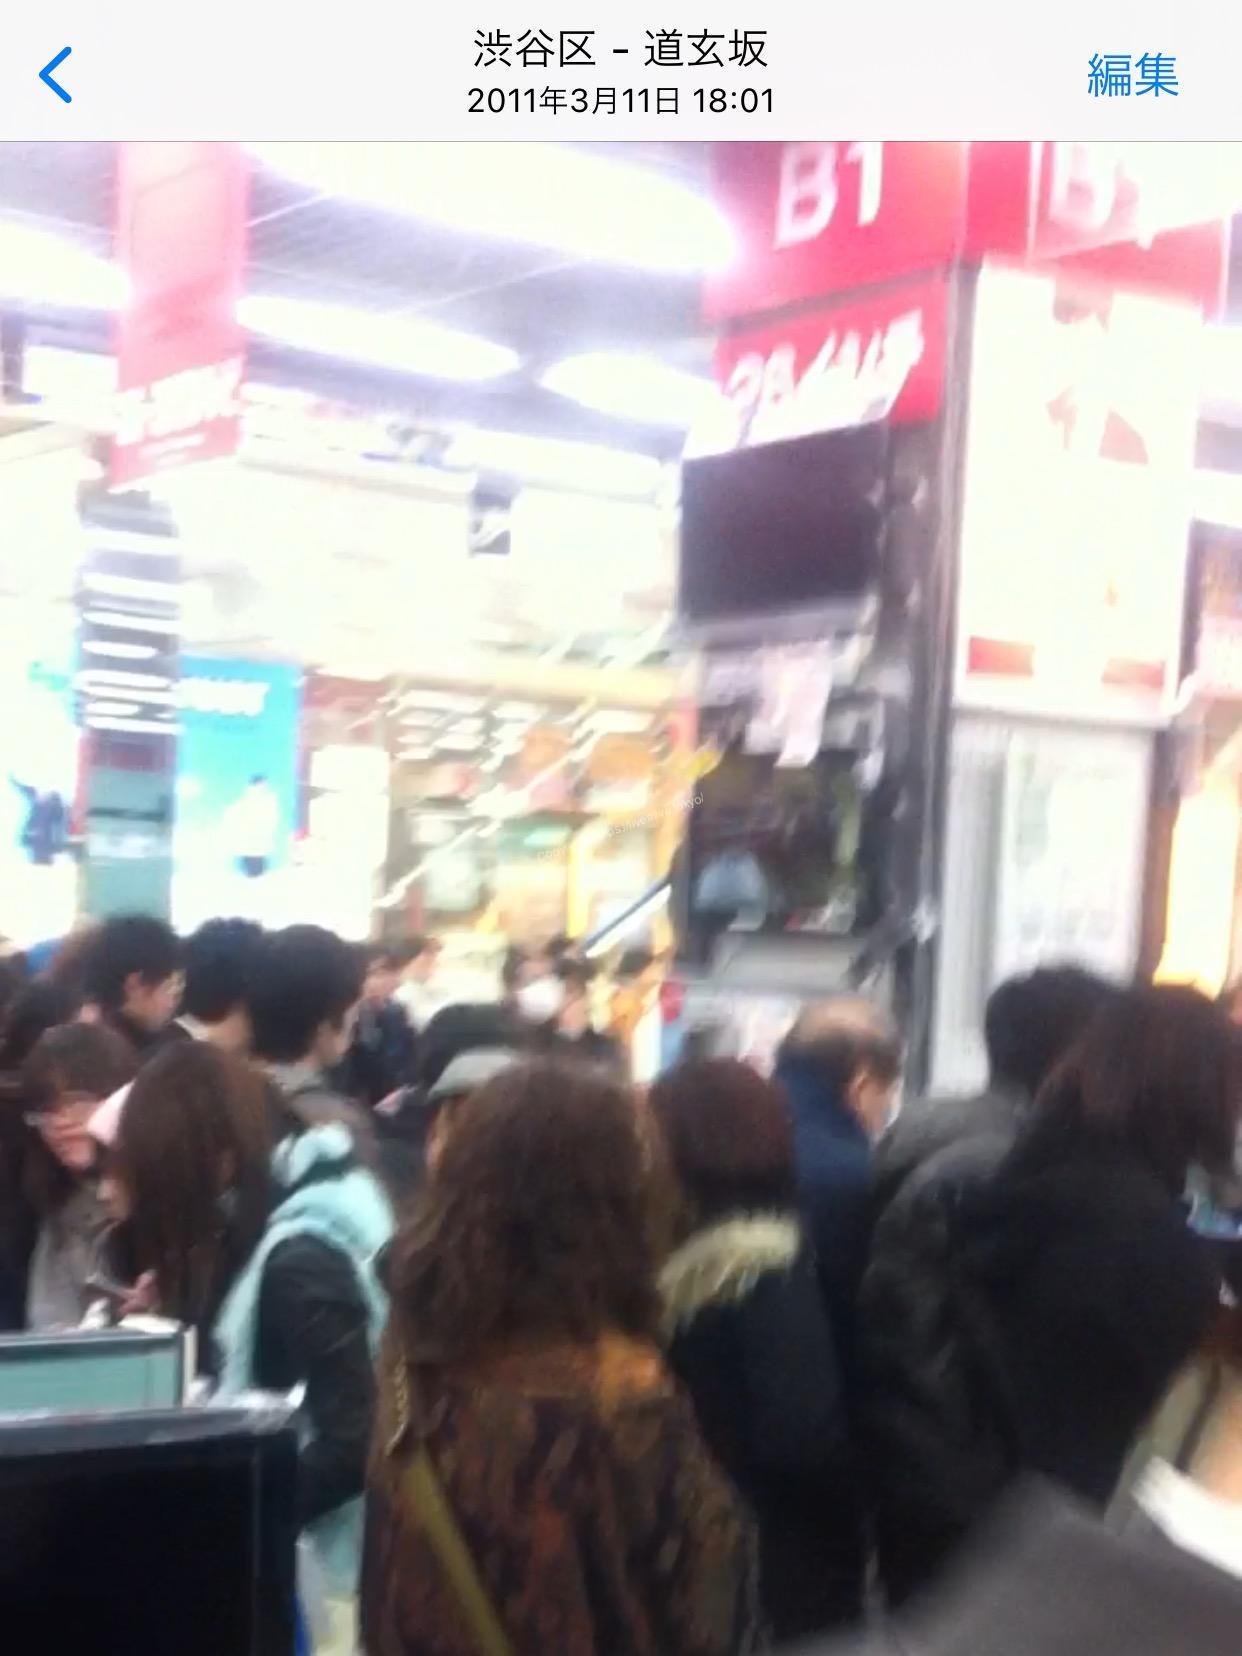 東日本大震災 当日の渋谷にあるヤマダ電機にて